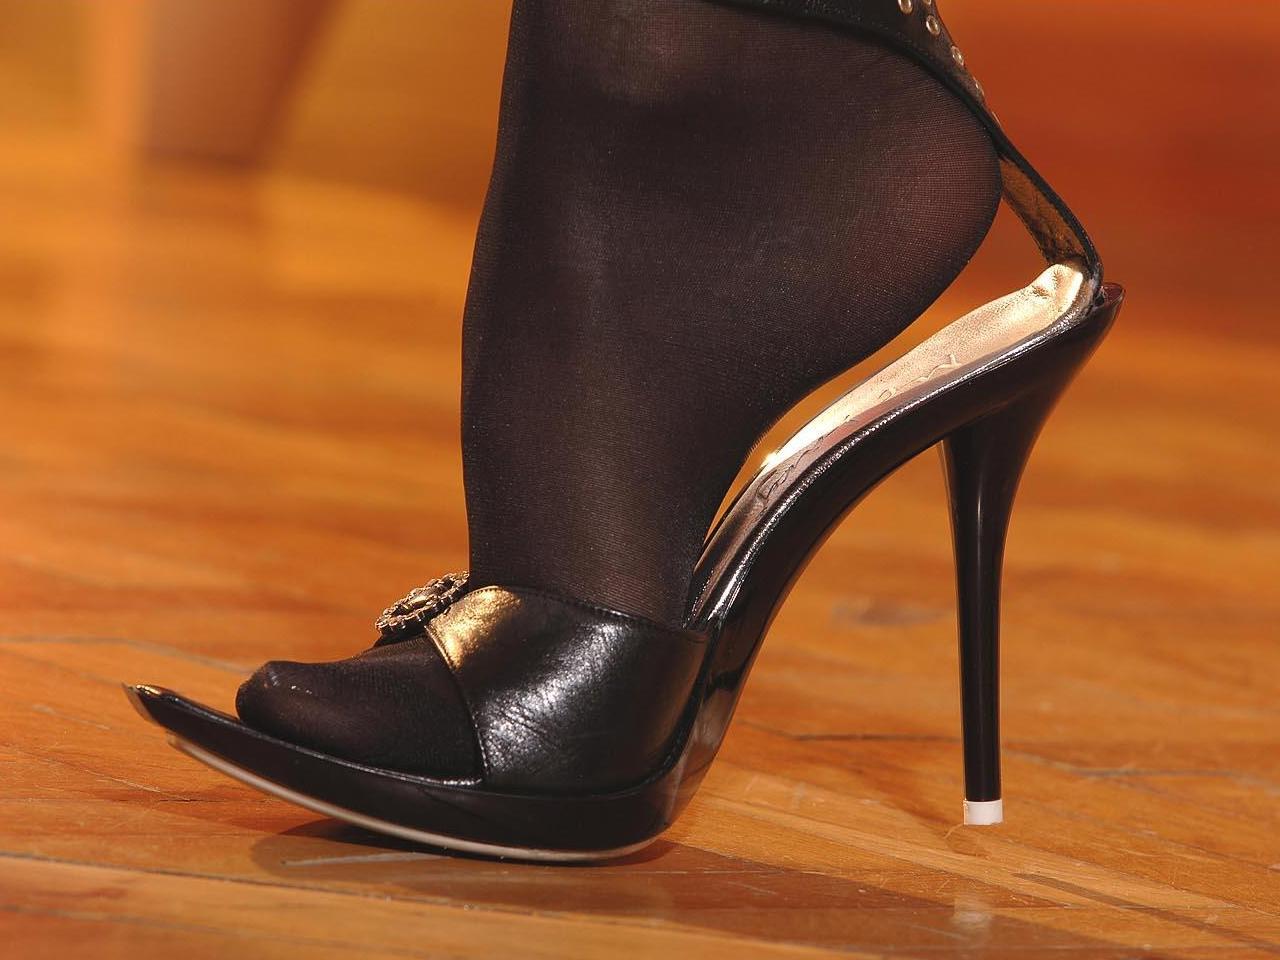 Целовать туфли фото, Целует ножки девушки в туфлях на каблуке 6 фотография